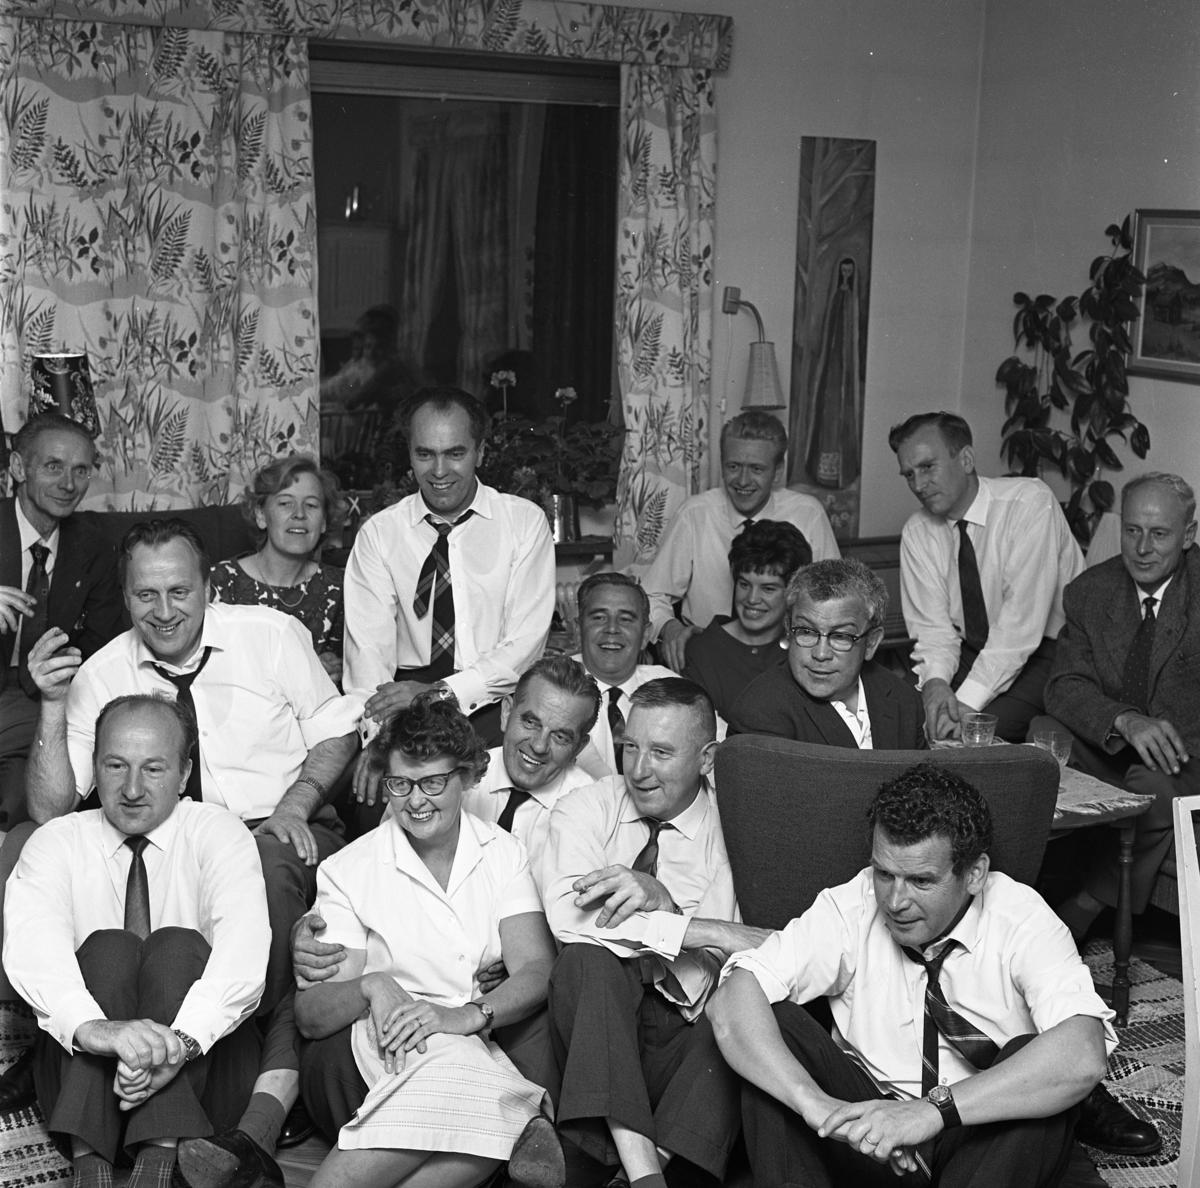 Socialdemokraterna har valvaka hemma hos Signe och Gustav Danielsson. Reinhold Carlsson har skrivit om den här bilden: Det har blivit tradition att samlas hemma hos Signe och Gustav Danielsson till valvaka. Så också den här valdagen i september 1962. Ett 20-tal socialdemokrater trängdes i lägenheten på Kapellgatan 31. Det jublades naturligtvis när någon i sällskapet hade kontaktat Arboga Tidnings redaktion och fått beskedet att det preliminära resultatet pekade på valseger. Bakre raden, från vänster: Malte Göran Andersson (pappa till Olle Göransson), Kerstin Johansson (gift med Ingvar som sitter framför henne), Erik Sjöberg (rutig slips), Olle Göransson (under vägglampan), Bertil Karlsson och Allan Ludvigsson. Mellersta raden, från vänster: Ingvar Johansson (gift med Kerstin som sitter bakom honom), Gustav Danielsson (som håller om hustrun Signe), Nils Brodin, Birgitta Lundman och Lasse Åhlin i fåtöljen. Främre raden, från vänster: Rune Gustafsson, Signe Danielsson, Åke Öhling och Olle Åhlin (bror till Lasse).